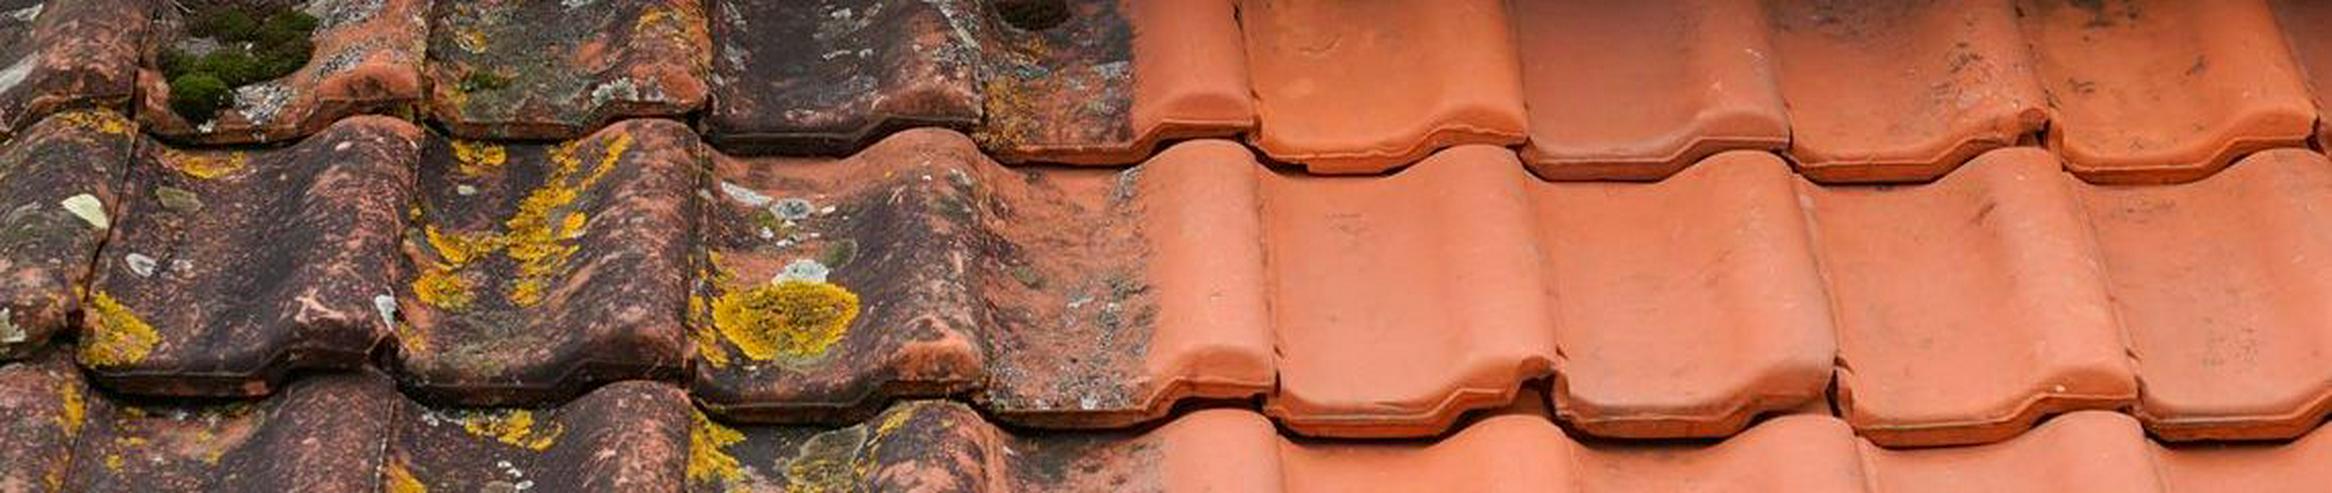 Bild 6: MOOSALARM - Profis für Dachreinigung - Dachinstandhaltung Bayern & Süddeutschland